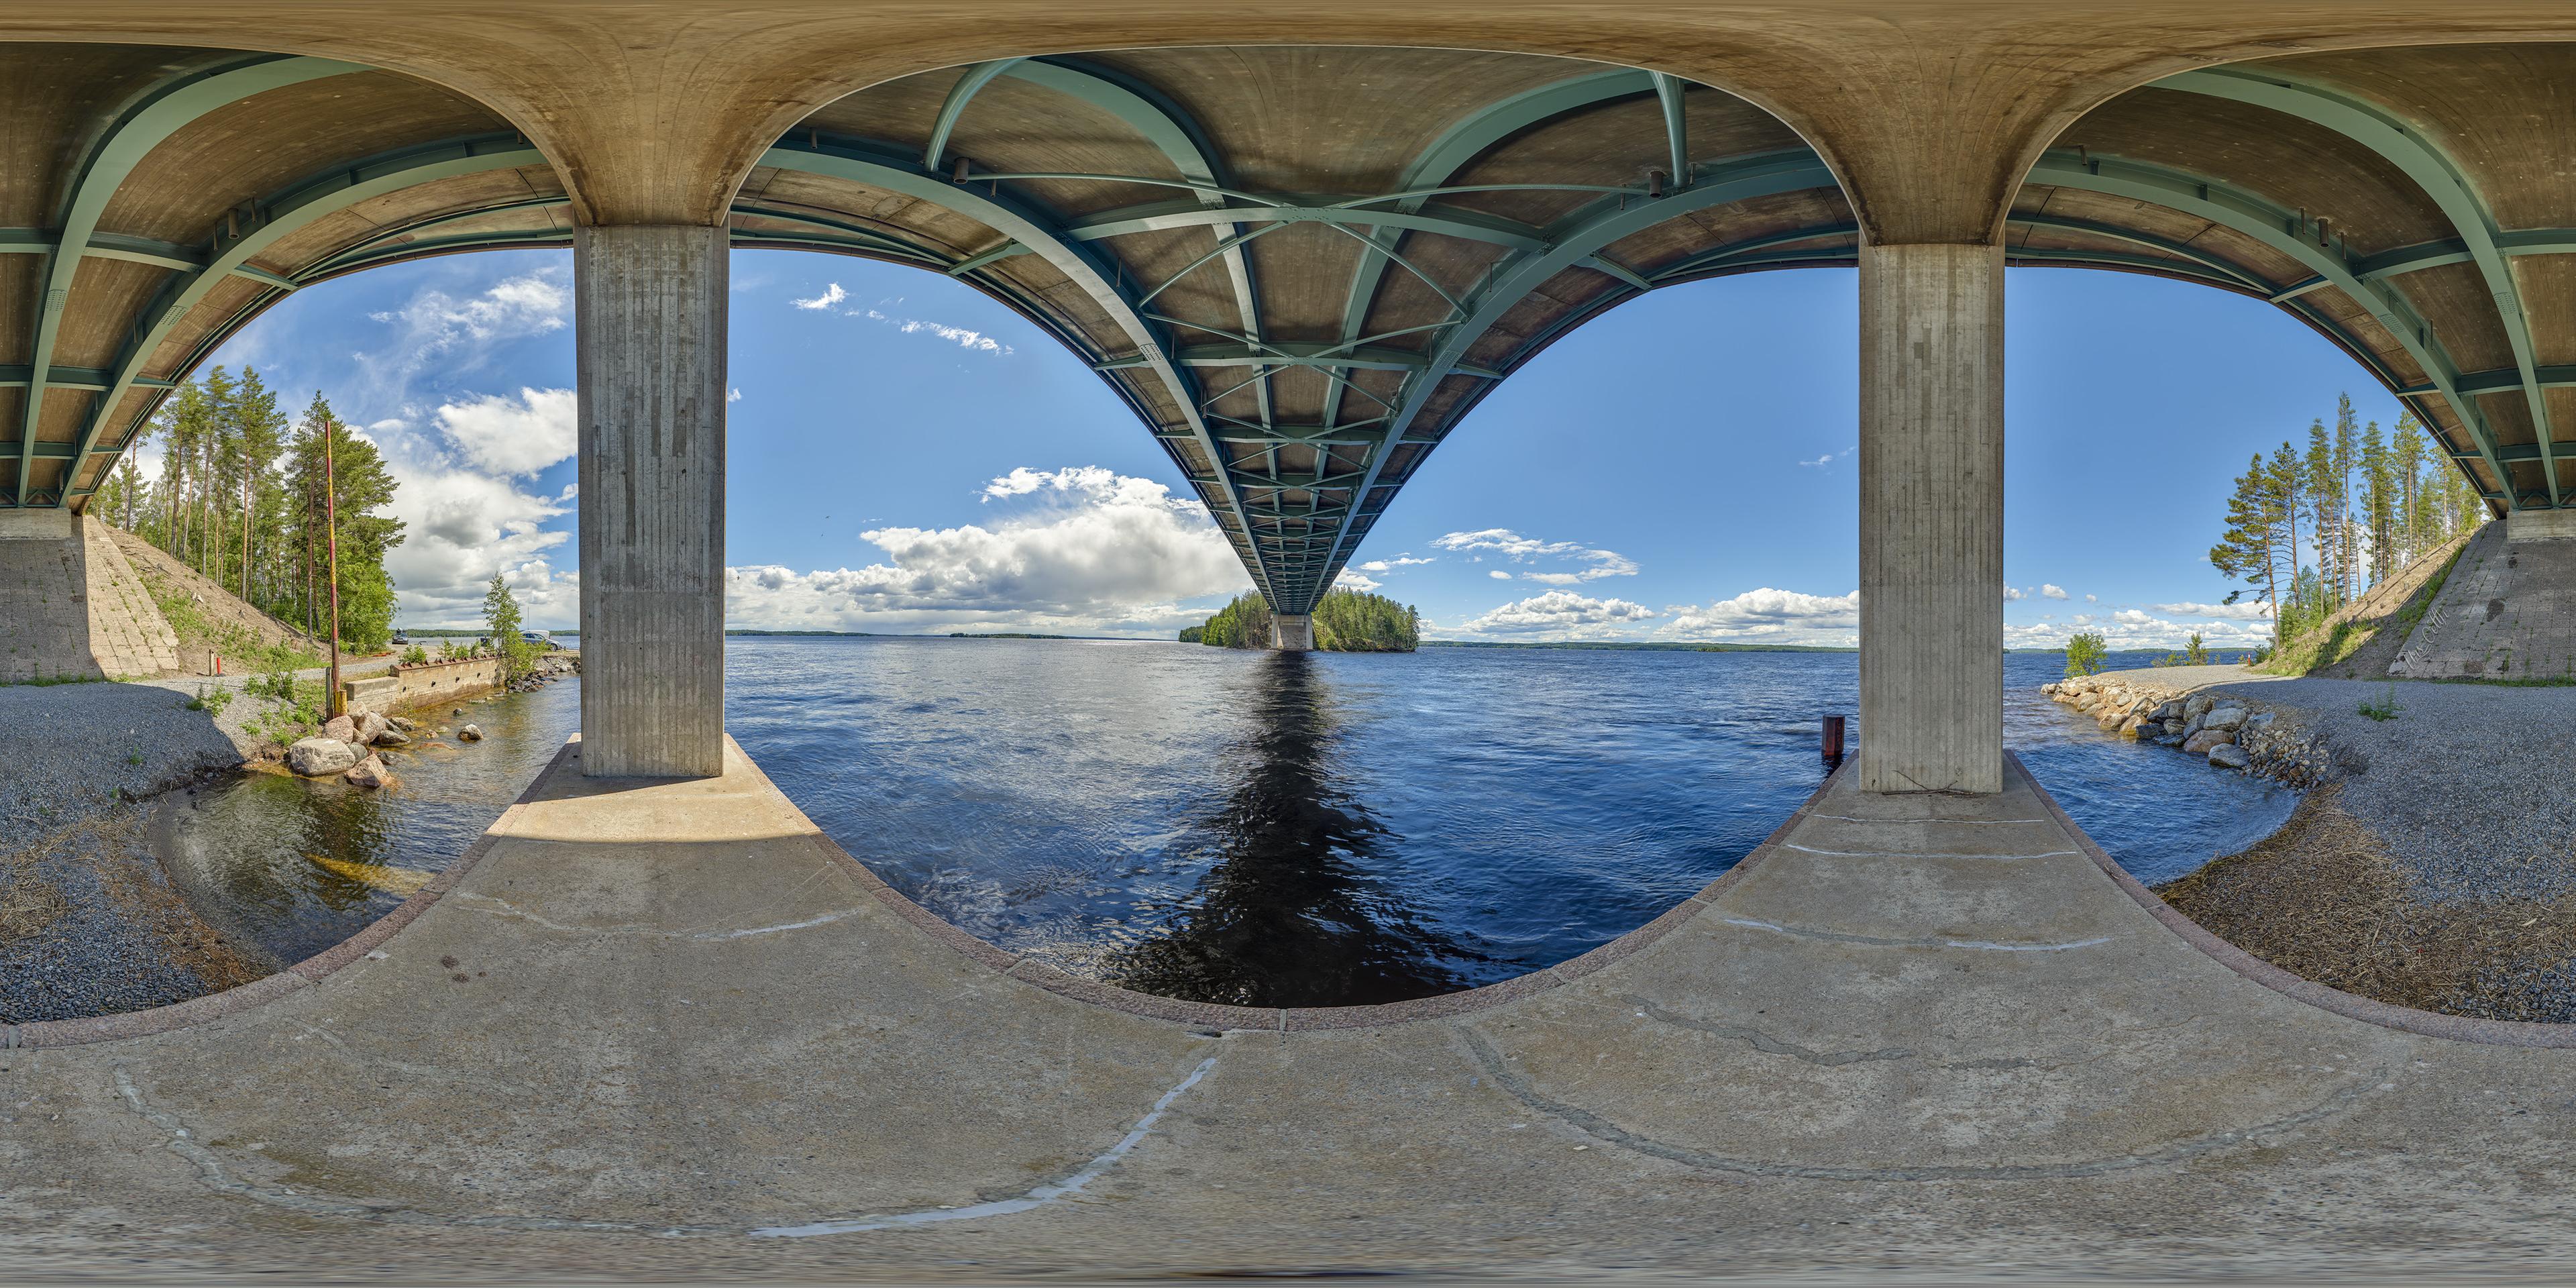 Karisalmi-Brücke